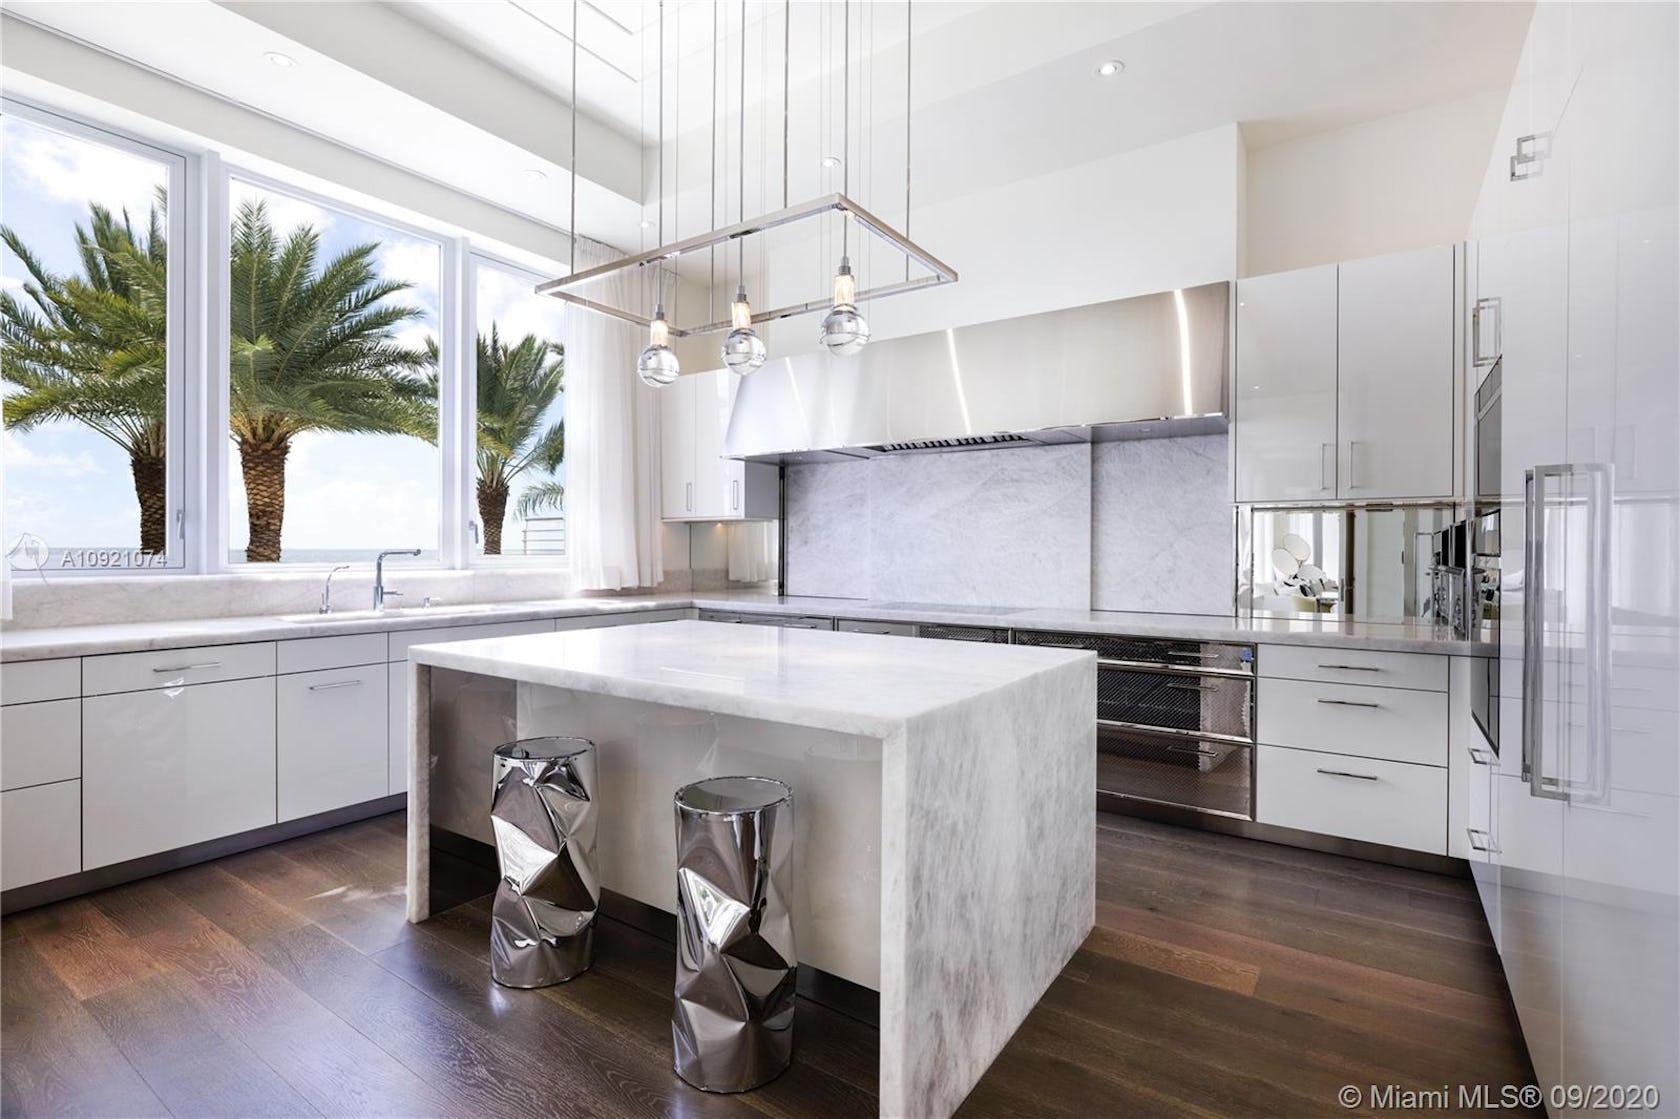 indoors room kitchen interior design flooring kitchen island